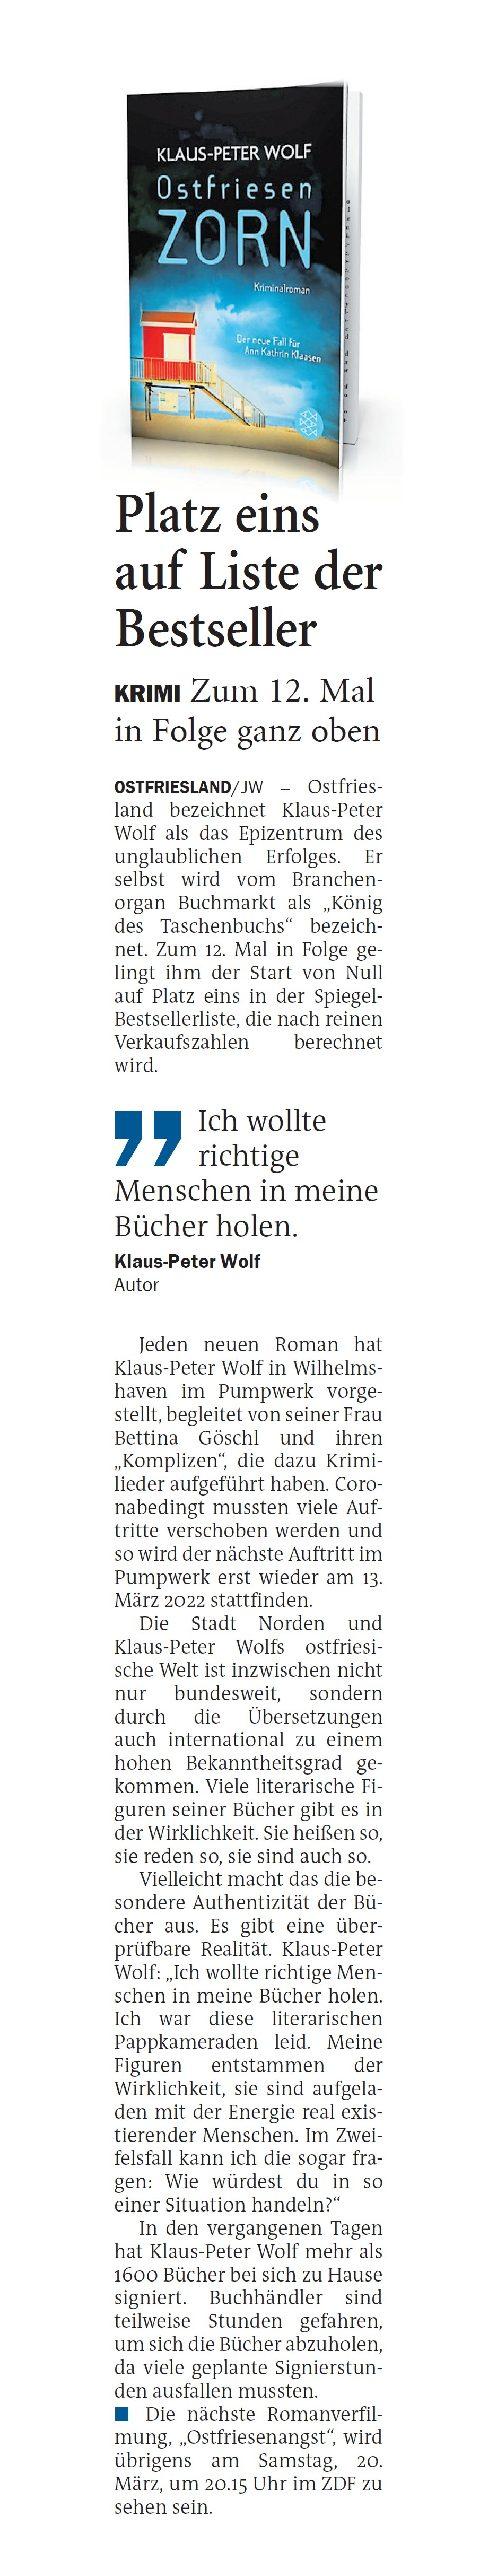 Jeversches Wochenblatt 19.02.2021 IV